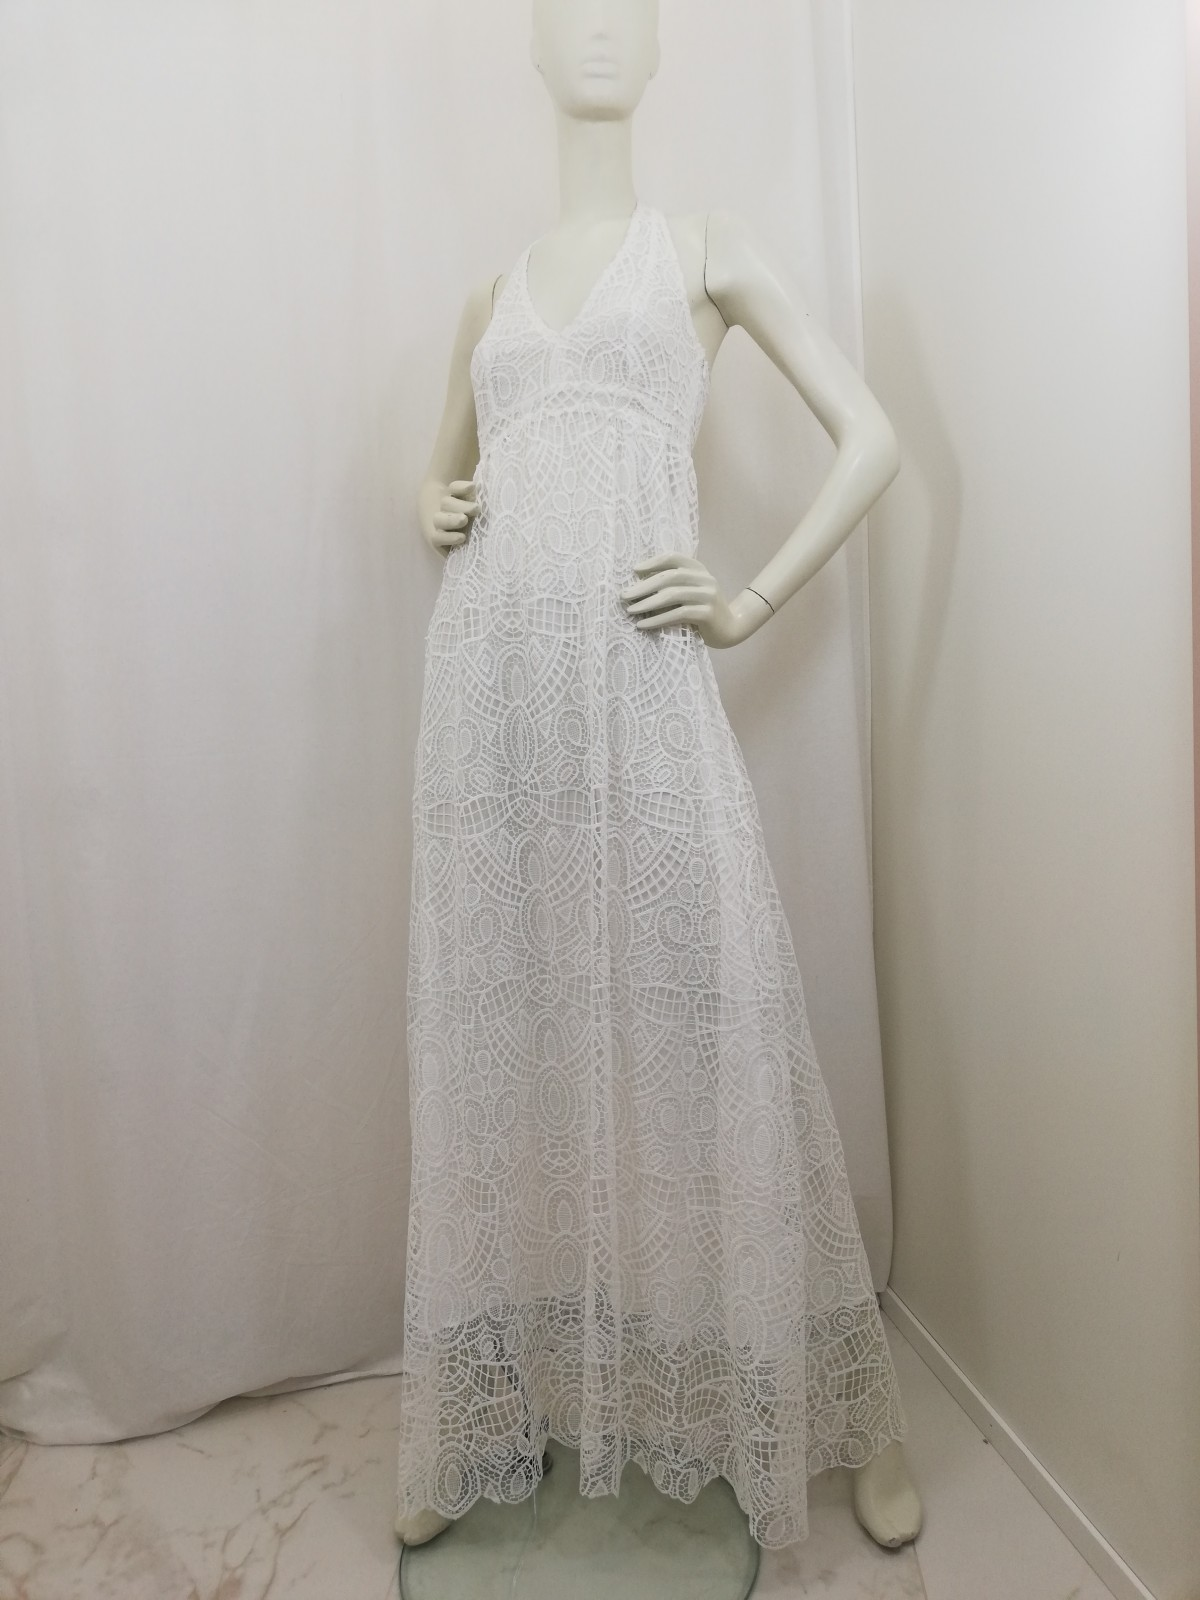 quality design 567df 02503 Long lace dress. Neck closure, nude. Liu Jo